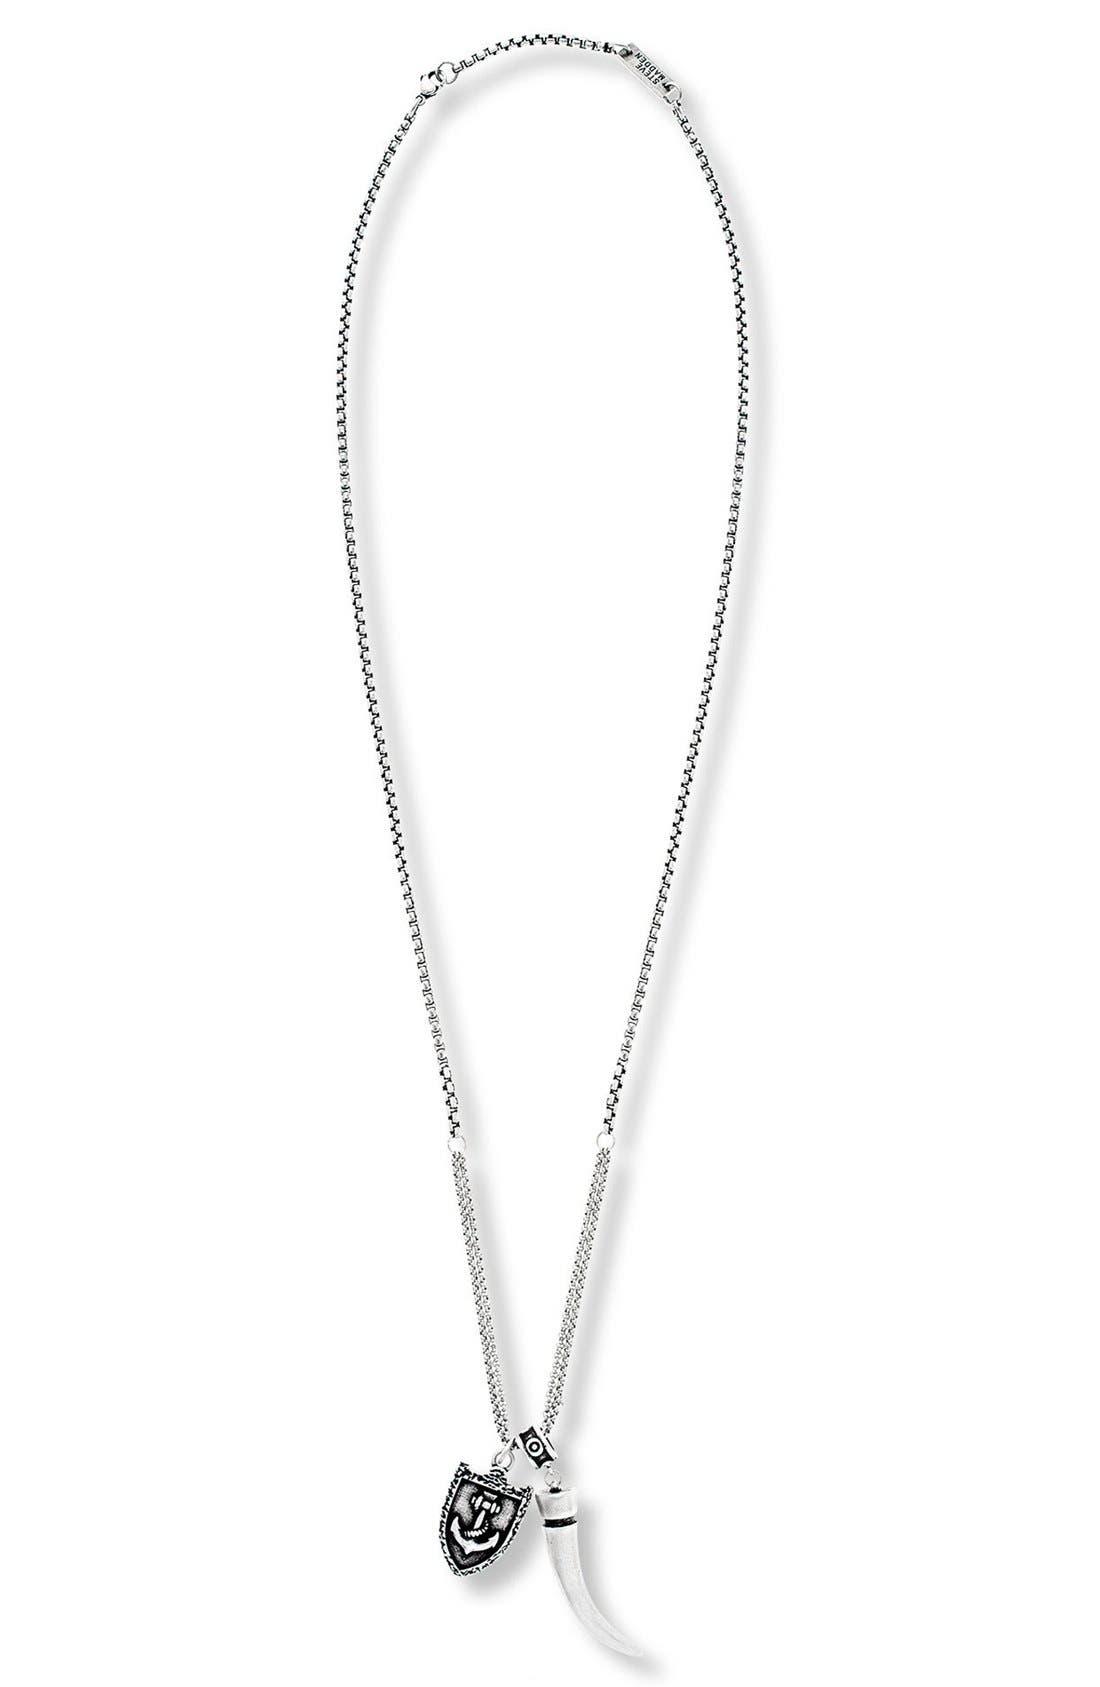 Alternate Image 1 Selected - Steve Madden Horn & Armor Pendant Necklace